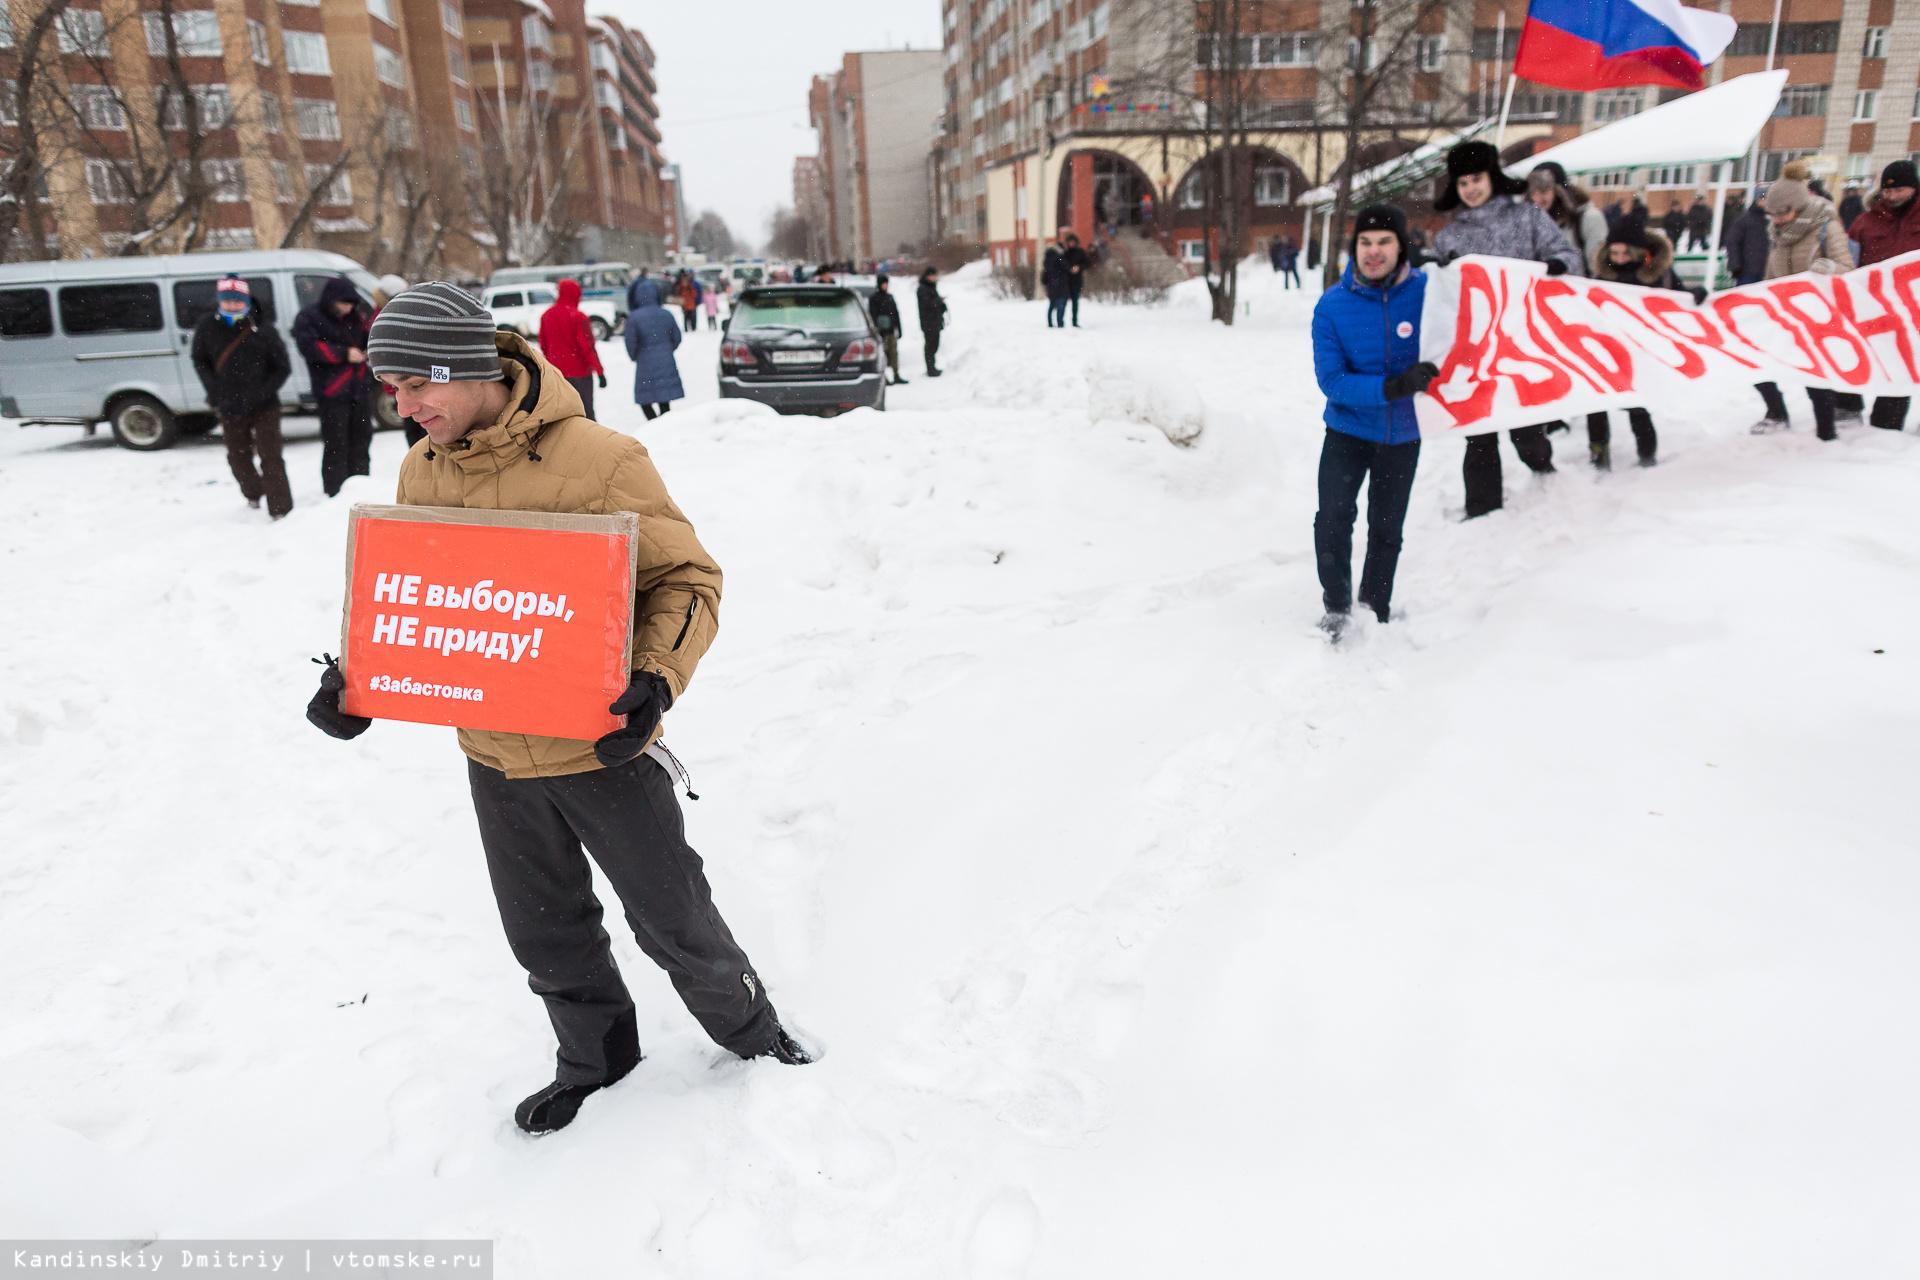 Сторонников Навального задержали в Томске на акции против выборов